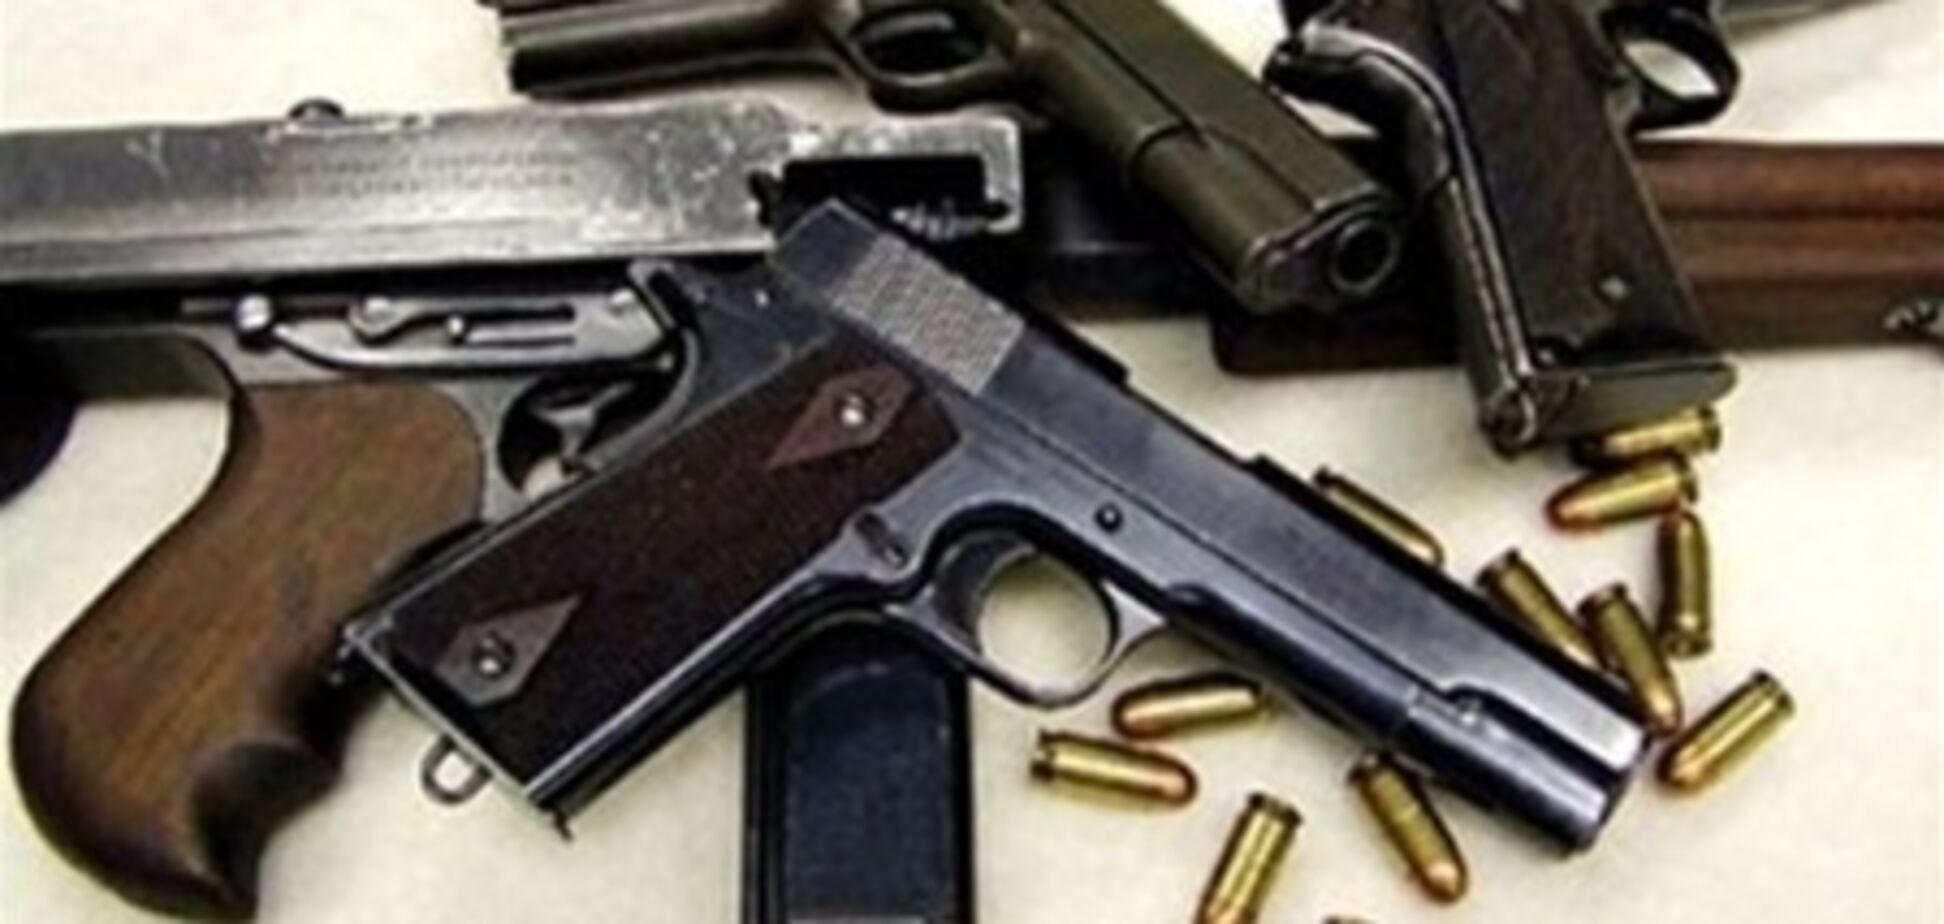 У Дніпропетровську у пенсіонерки вилучили арсенал зброї